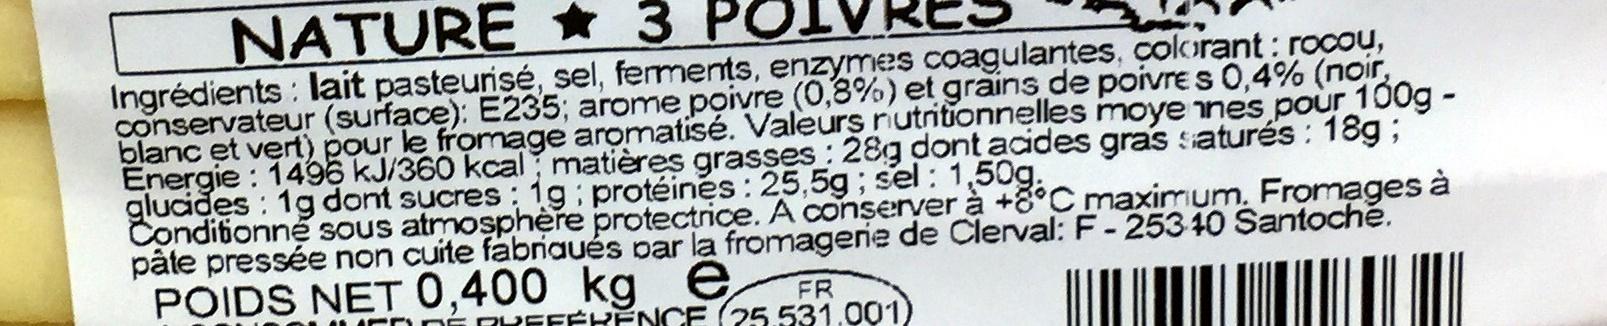 Raclette au lait de Franche-Comté Nature - 3 poivres - Ingrédients - fr